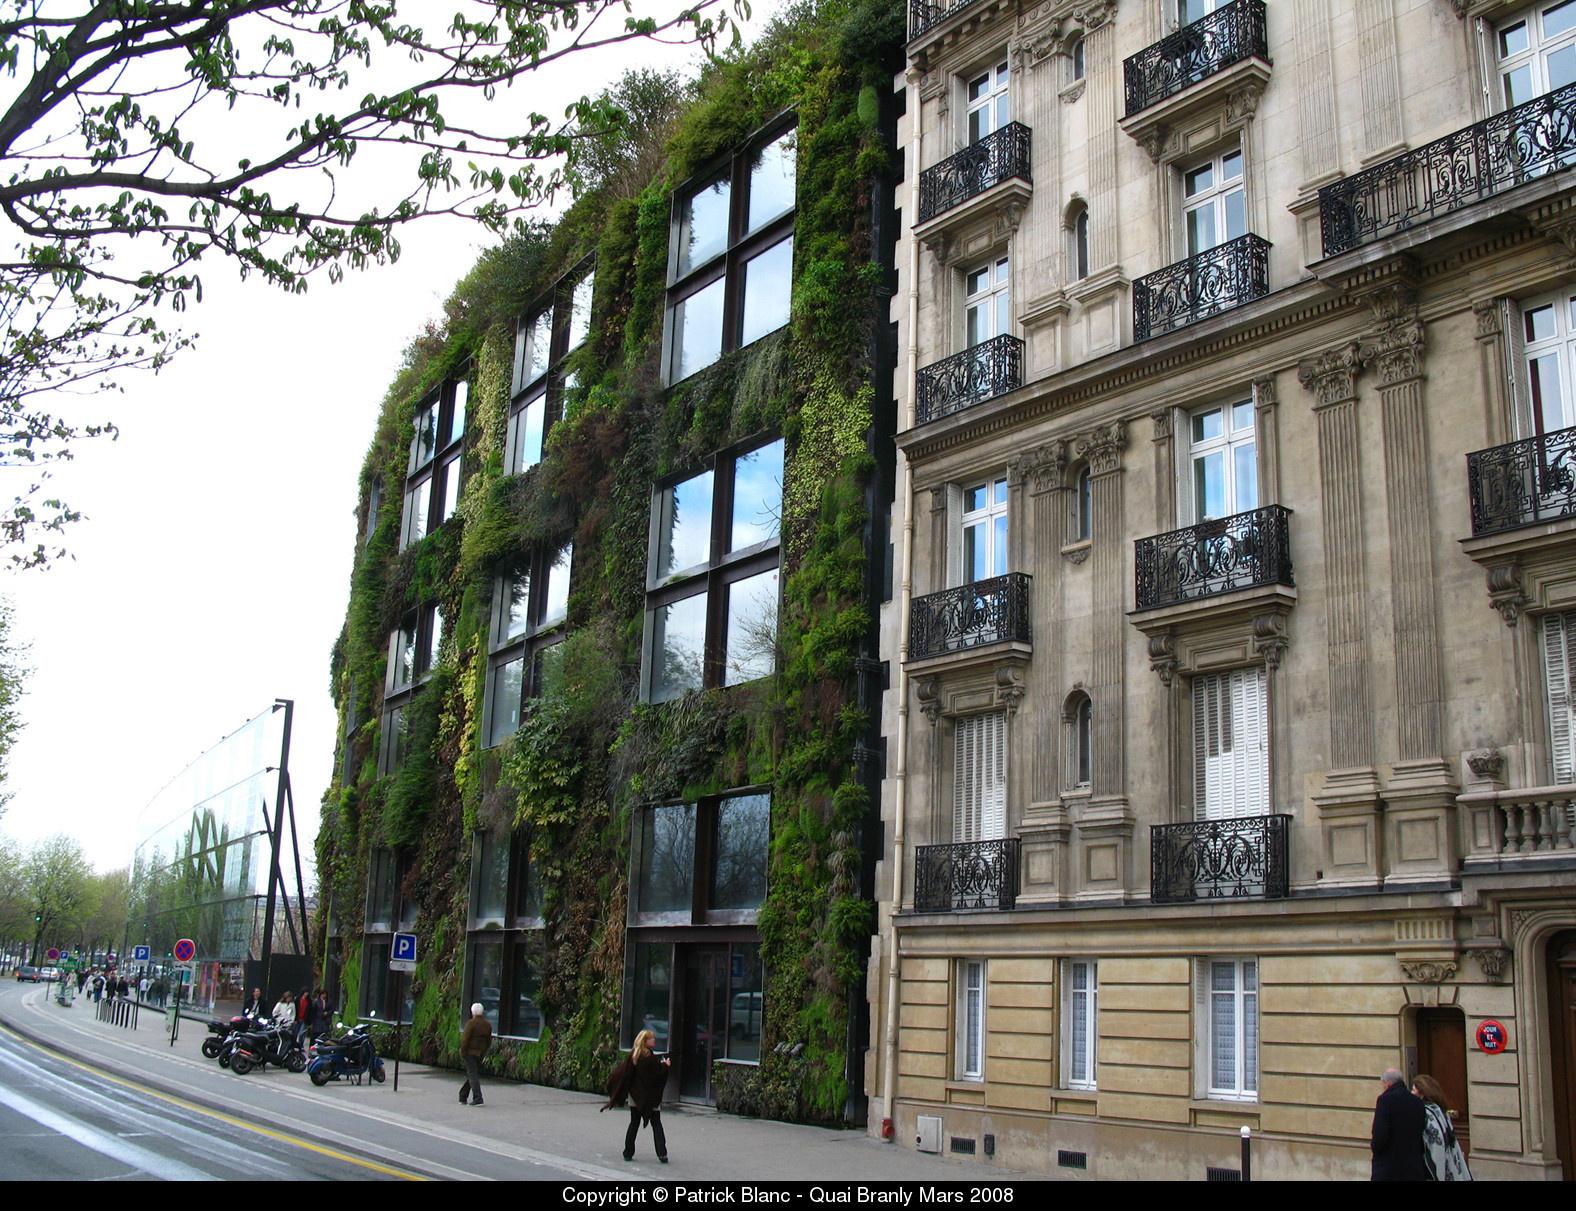 Quai Branly Múzeum, Paríž